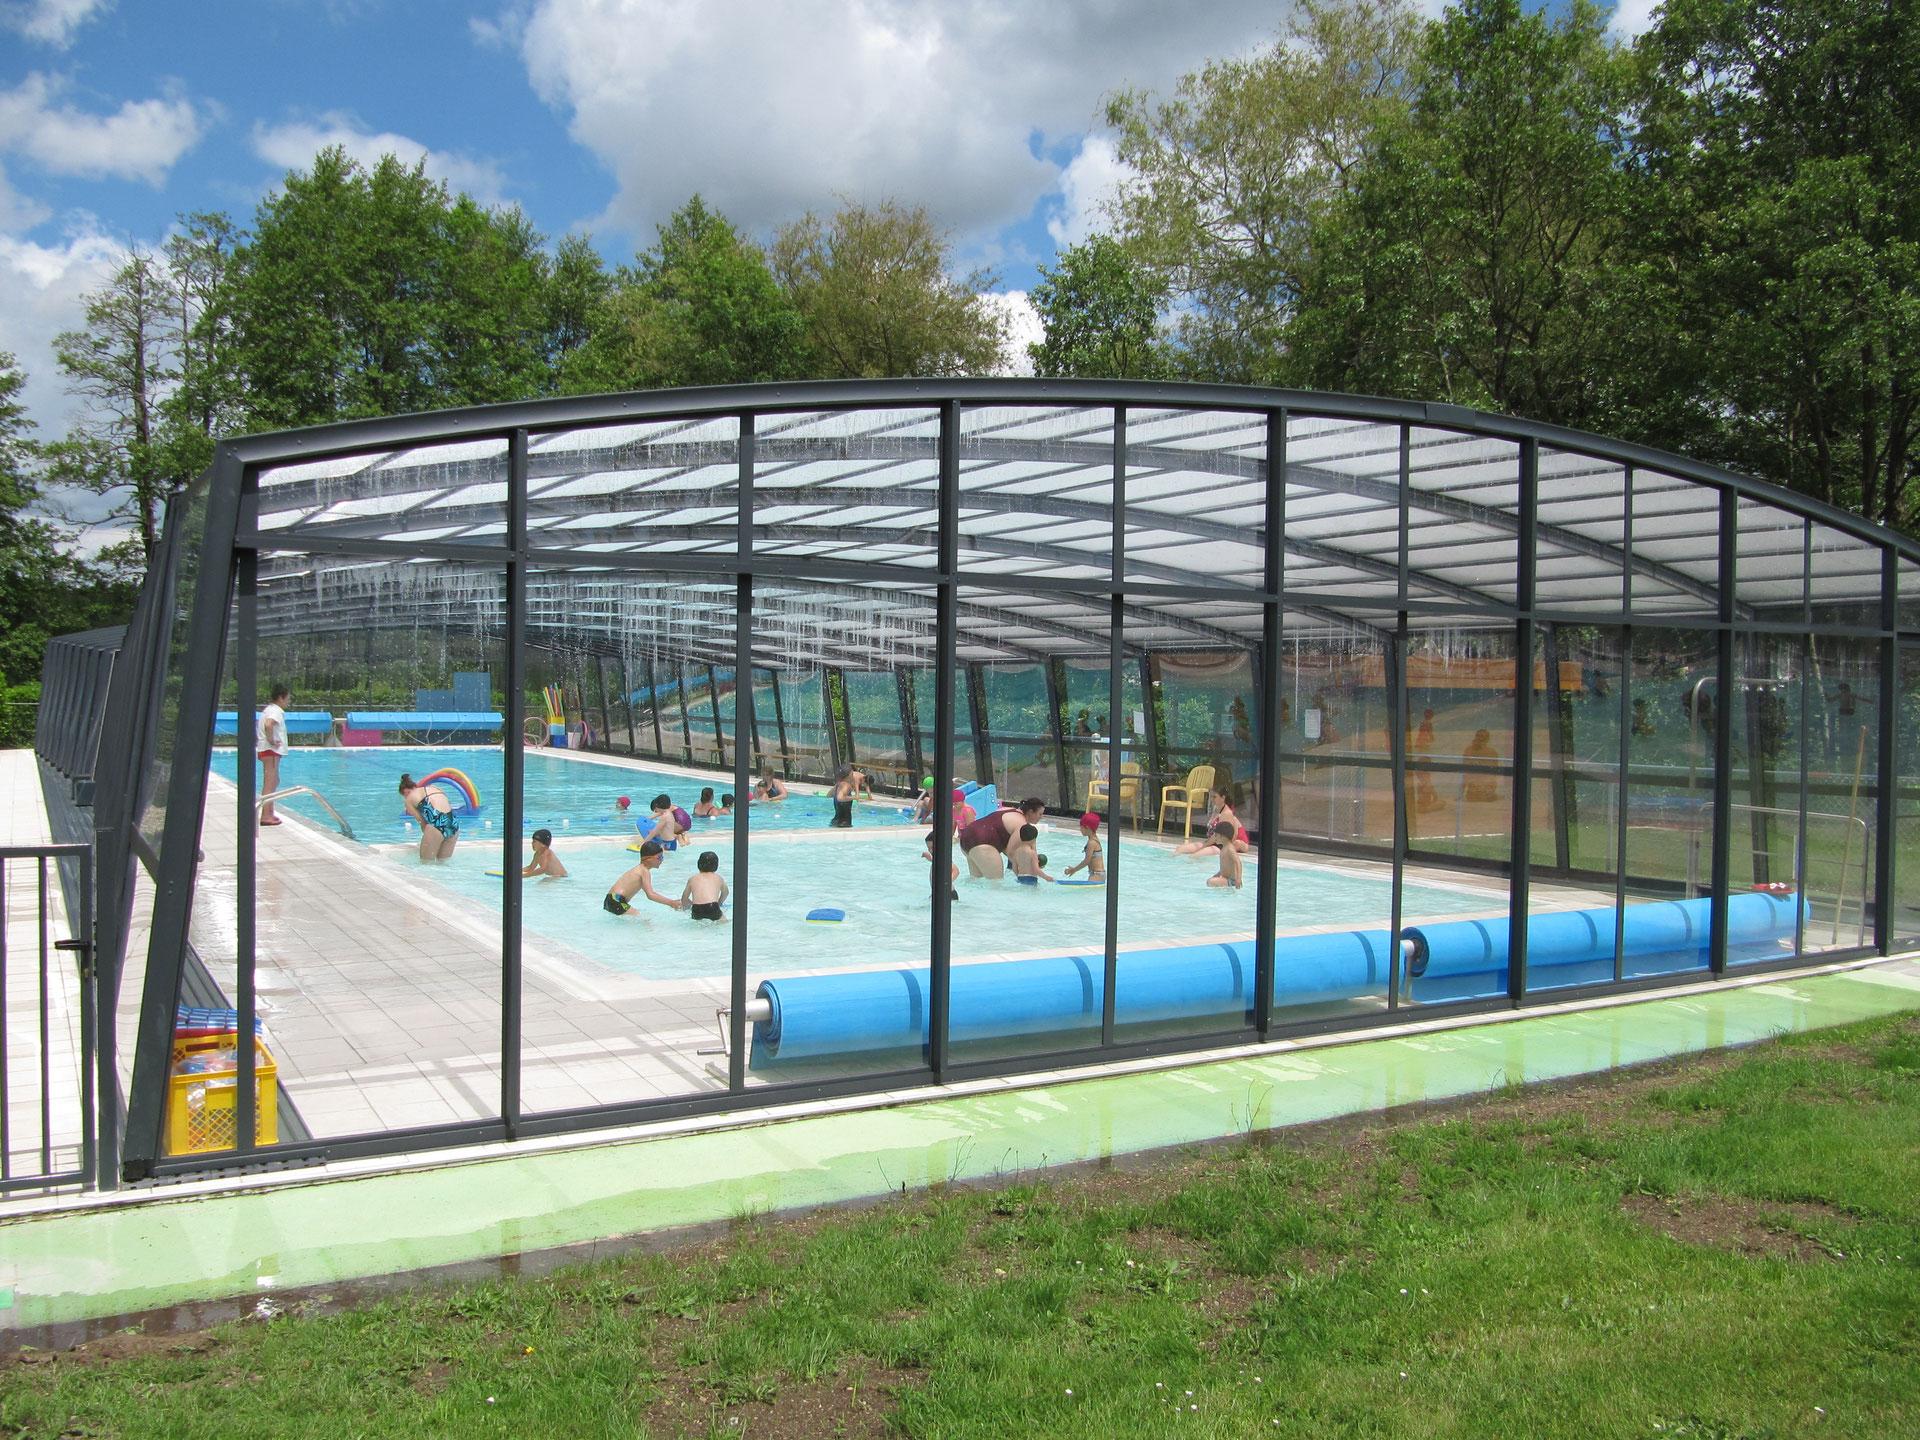 Piscine Et Jeux D'eau - Site De Tourisme-Coeurduperche ! pour Piscine Mortagne Au Perche